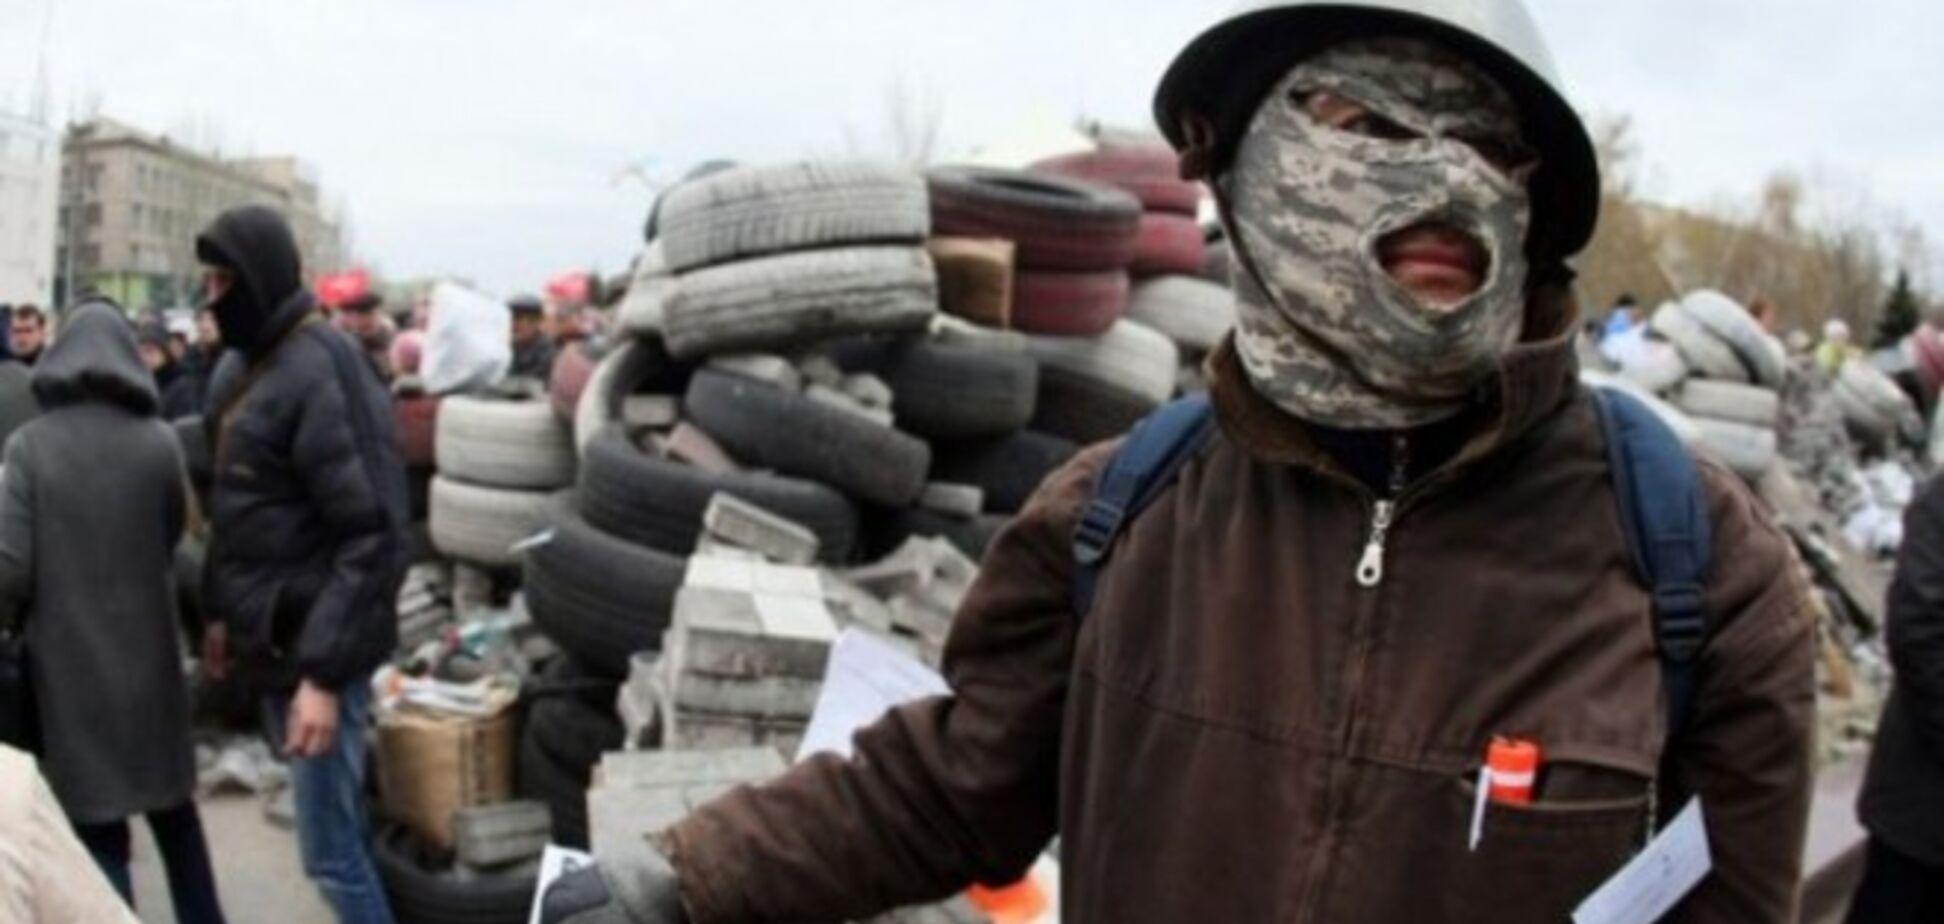 Субботние беспорядки в Мариуполе были имитацией – источник